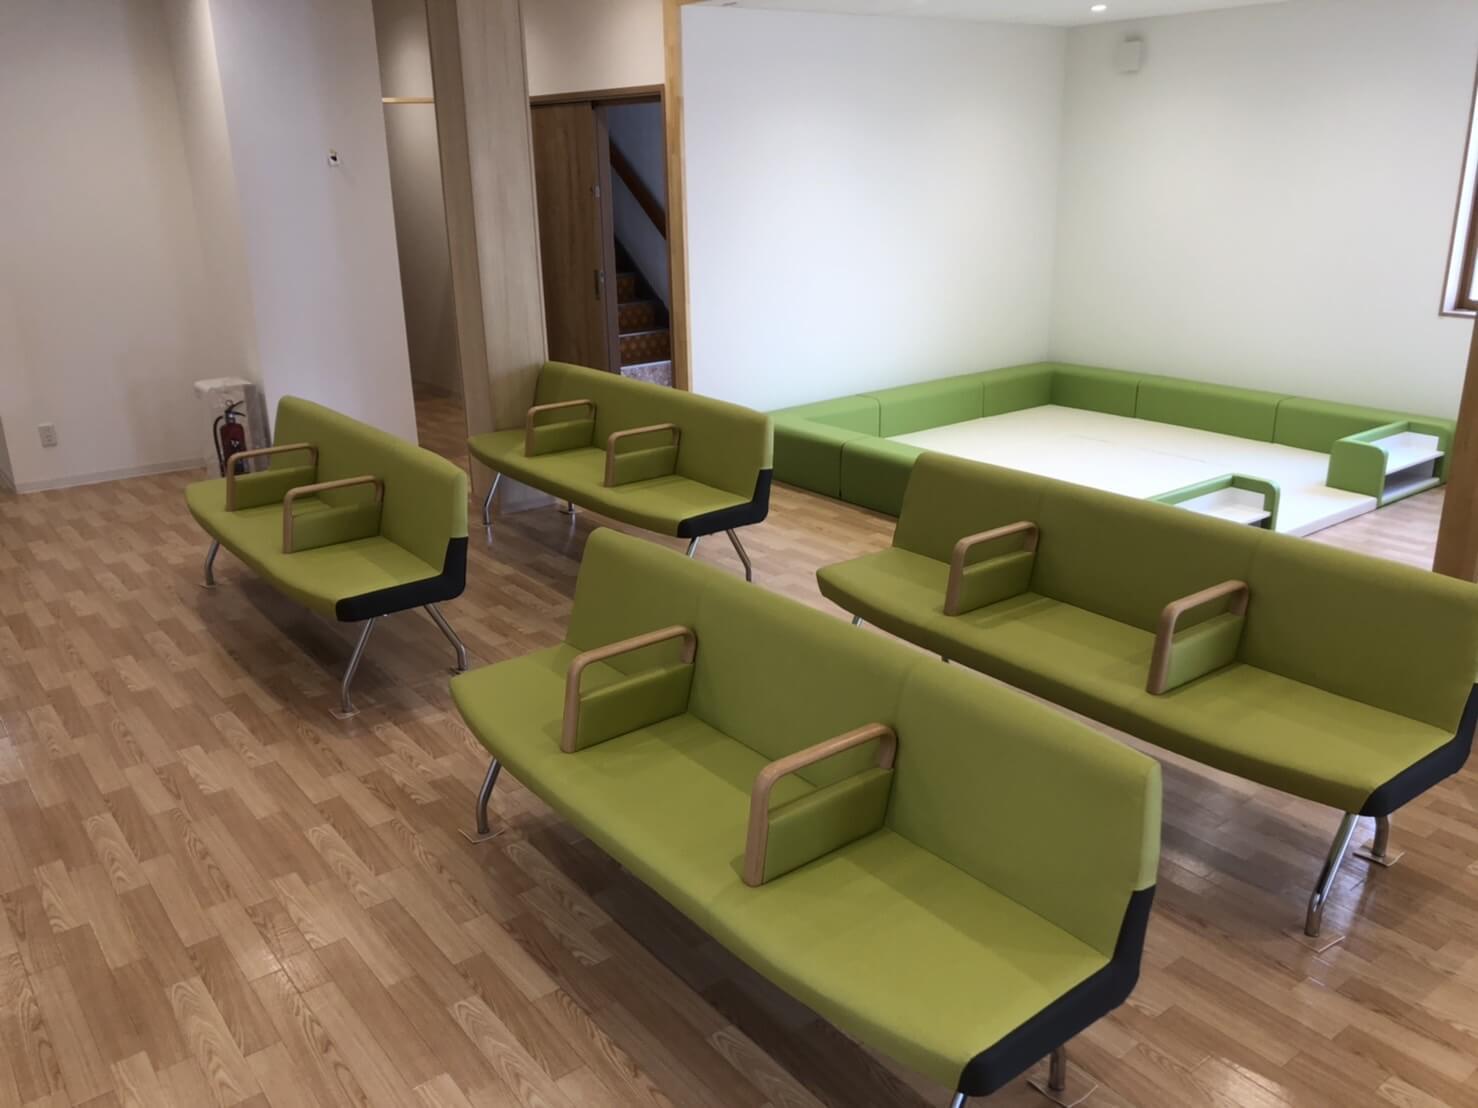 クリニック開業に伴う家具やOA機器等の納入事例